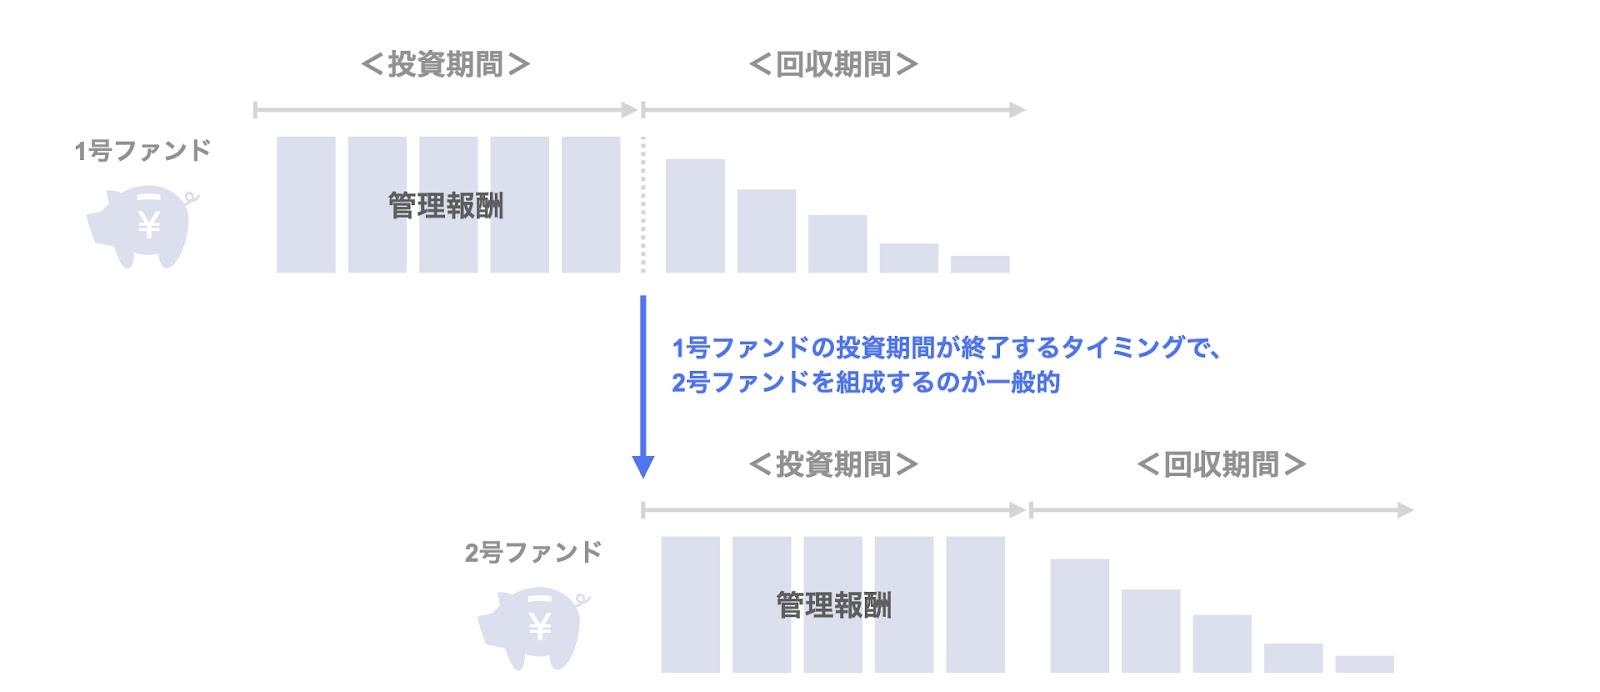 ファンド運営会社の報酬体系:管理報酬の計算方法のイメージ